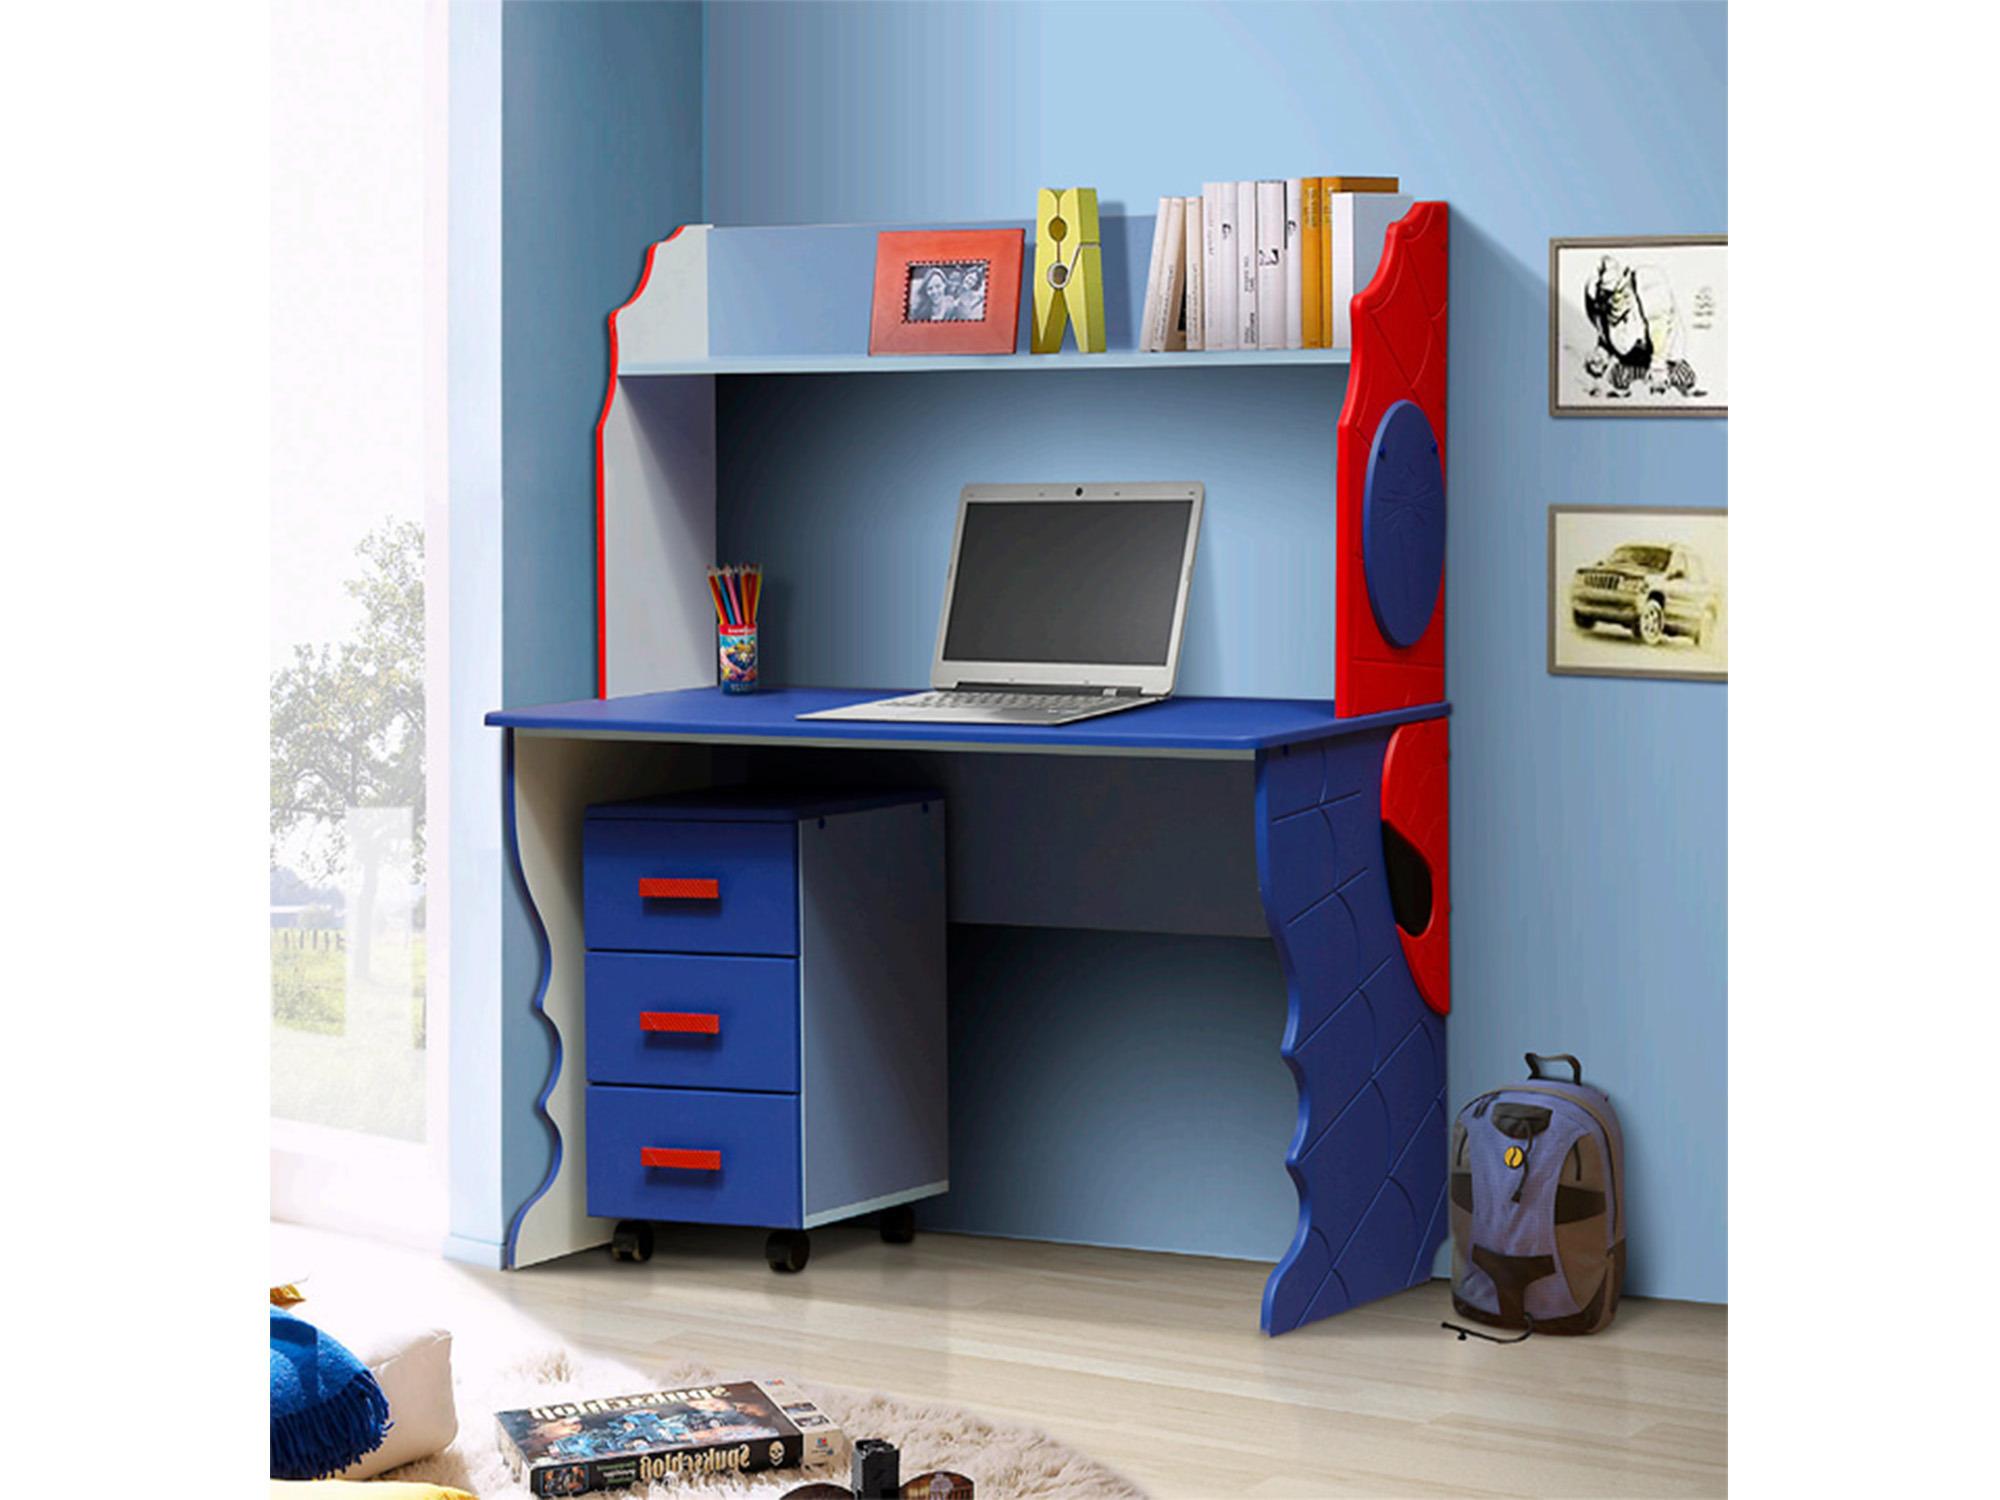 Стол письменный тумба ПаукПисьменные столы<br><br><br>Длина мм: 1220<br>Высота мм: 1390<br>Глубина мм: 550